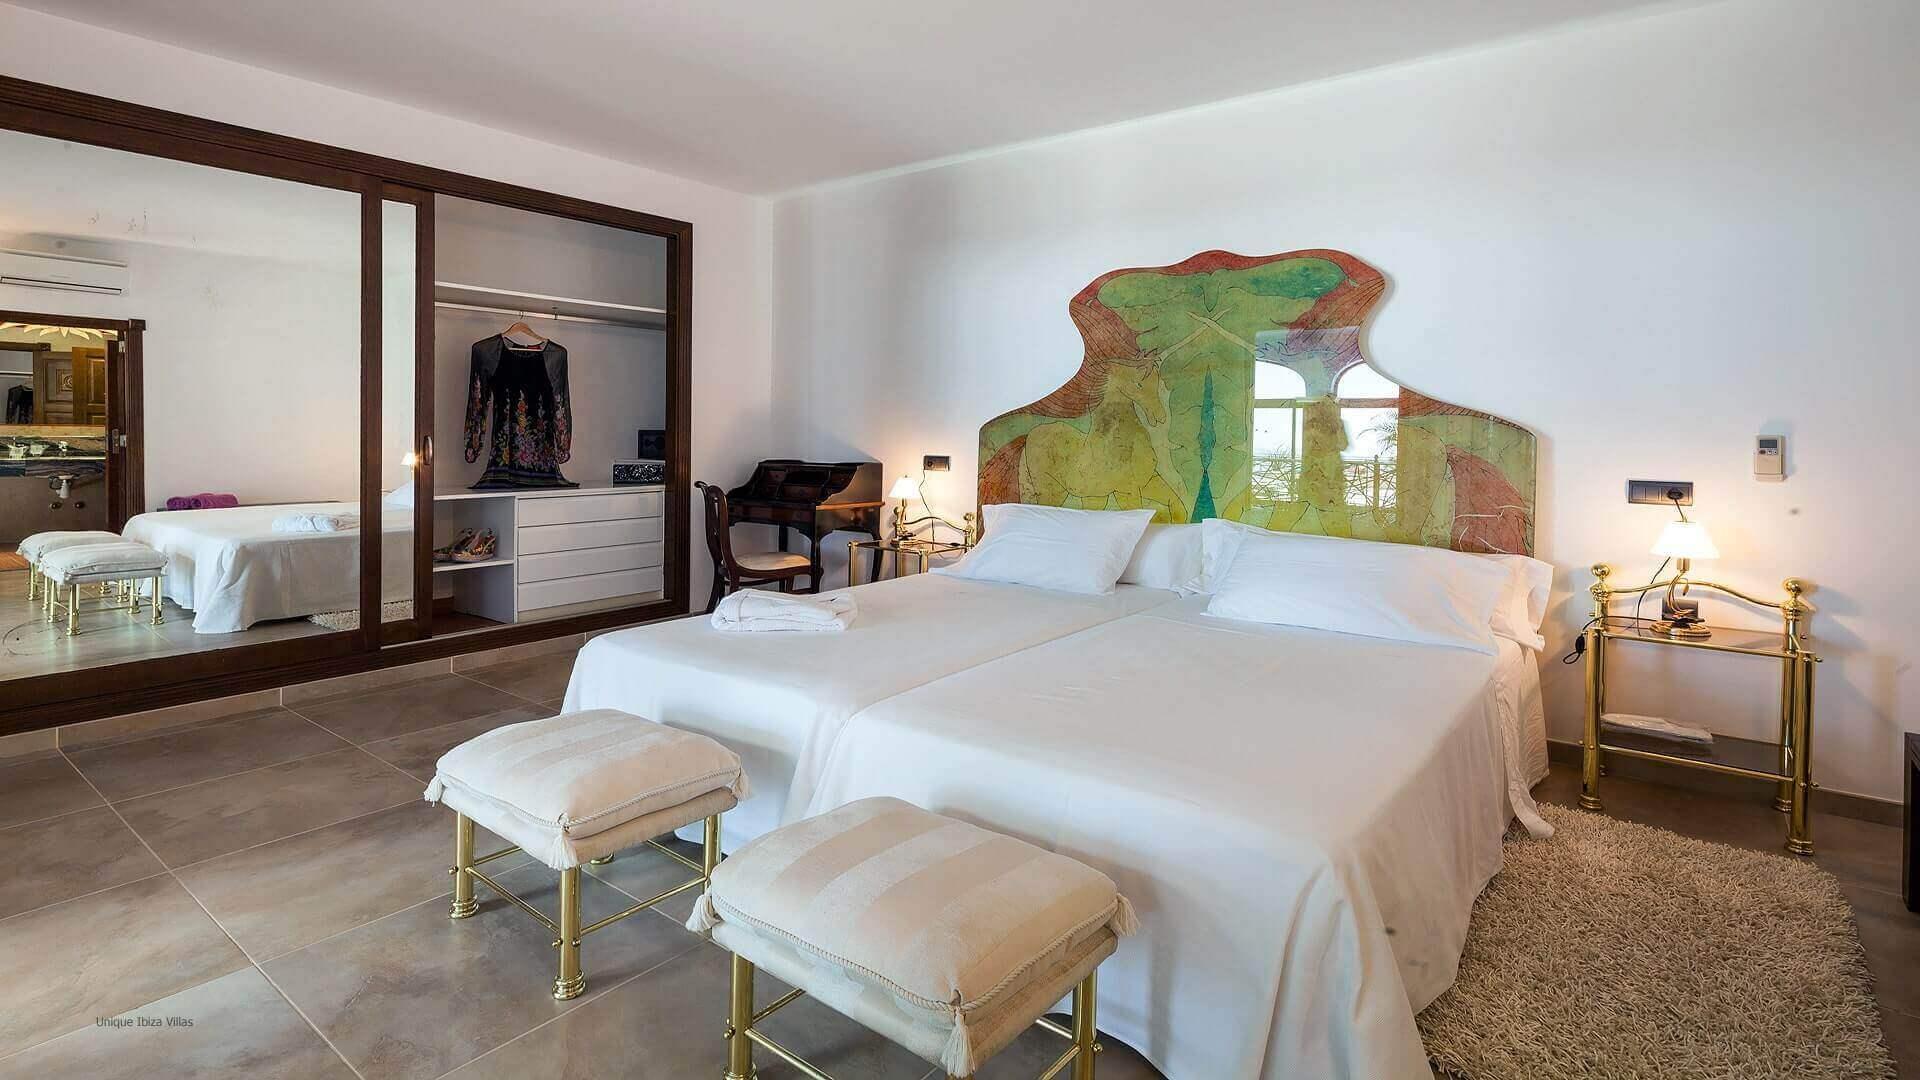 Villa Fuente De Ibiza 47 Bedroom 5